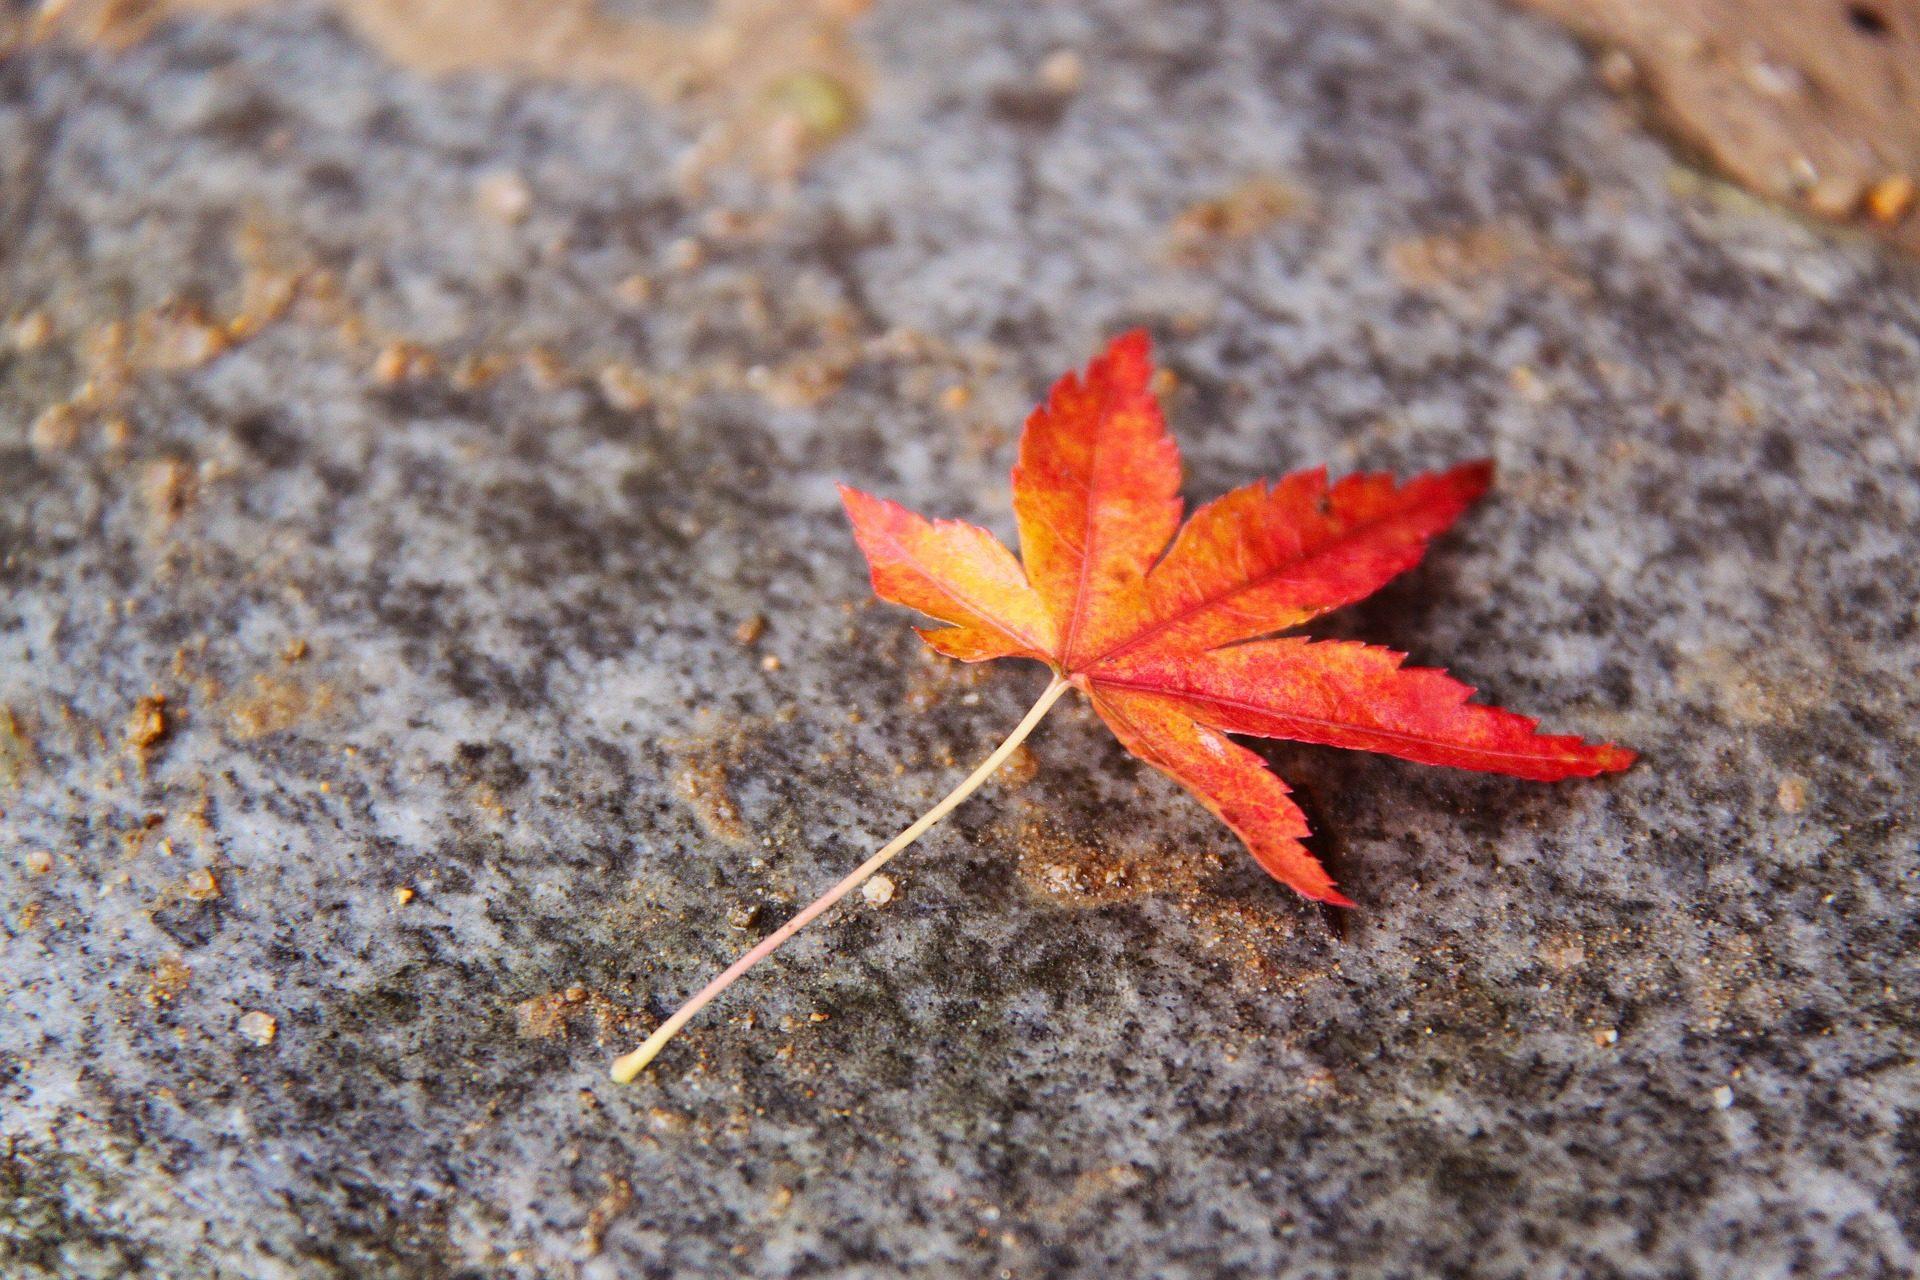 京都的楓葉觀賞時期是什麼時候?